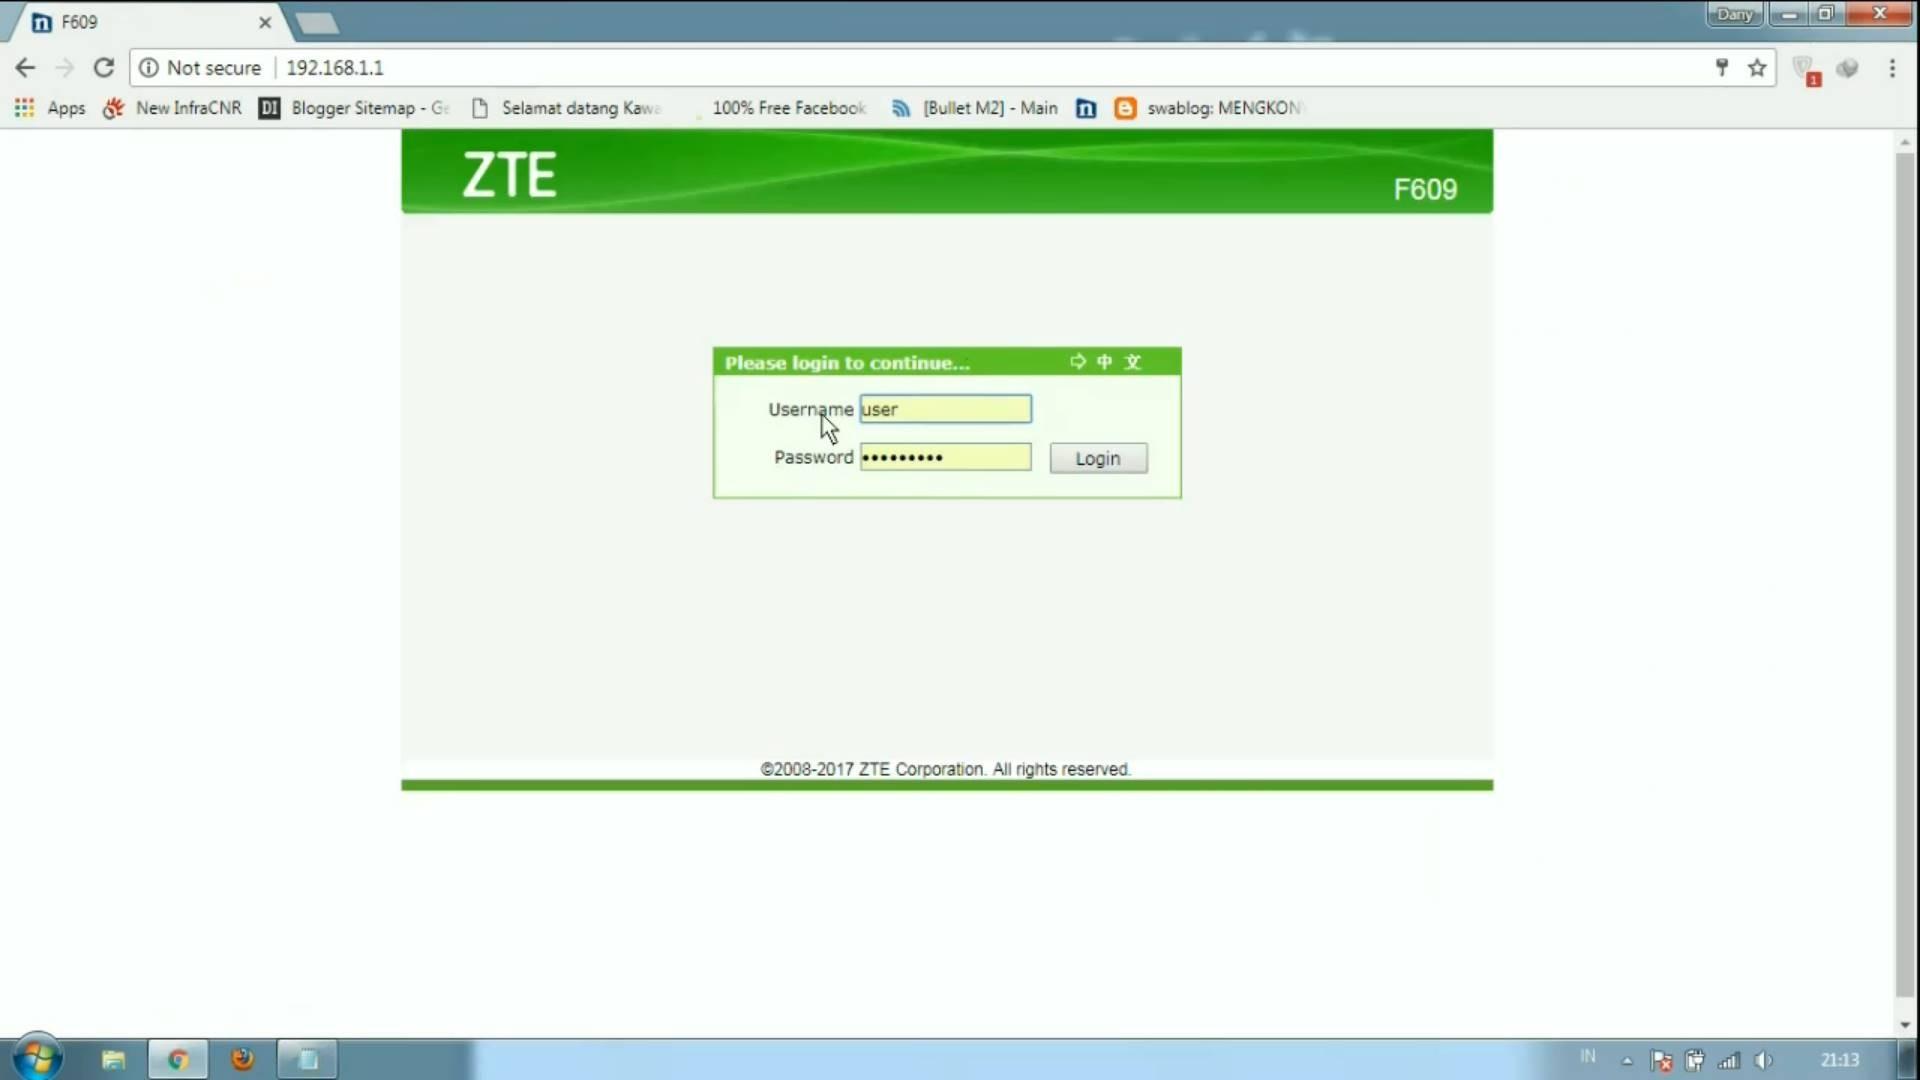 Kemudian-klik-tombol-enter-agar-bisa-membuka-admin-panel-selanjutnya-setelah-menggunakan-admin-beserta-password-user